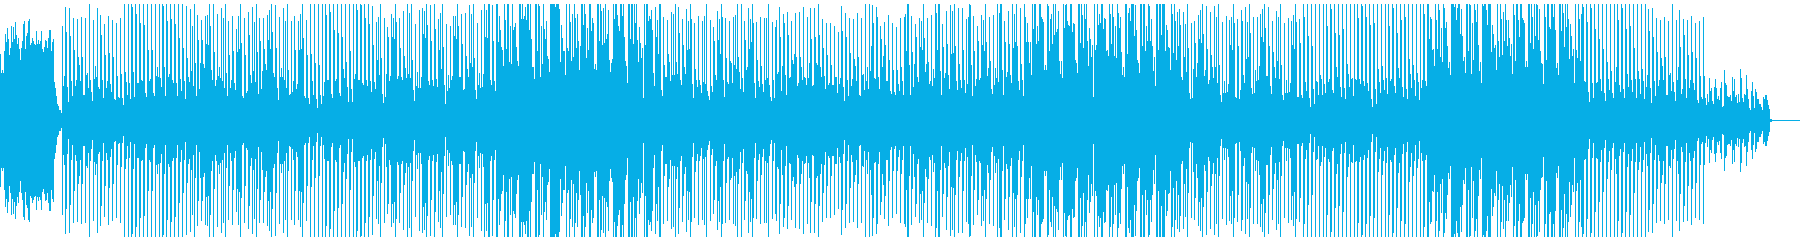 80年代感覚のテクノポップの再生済みの波形